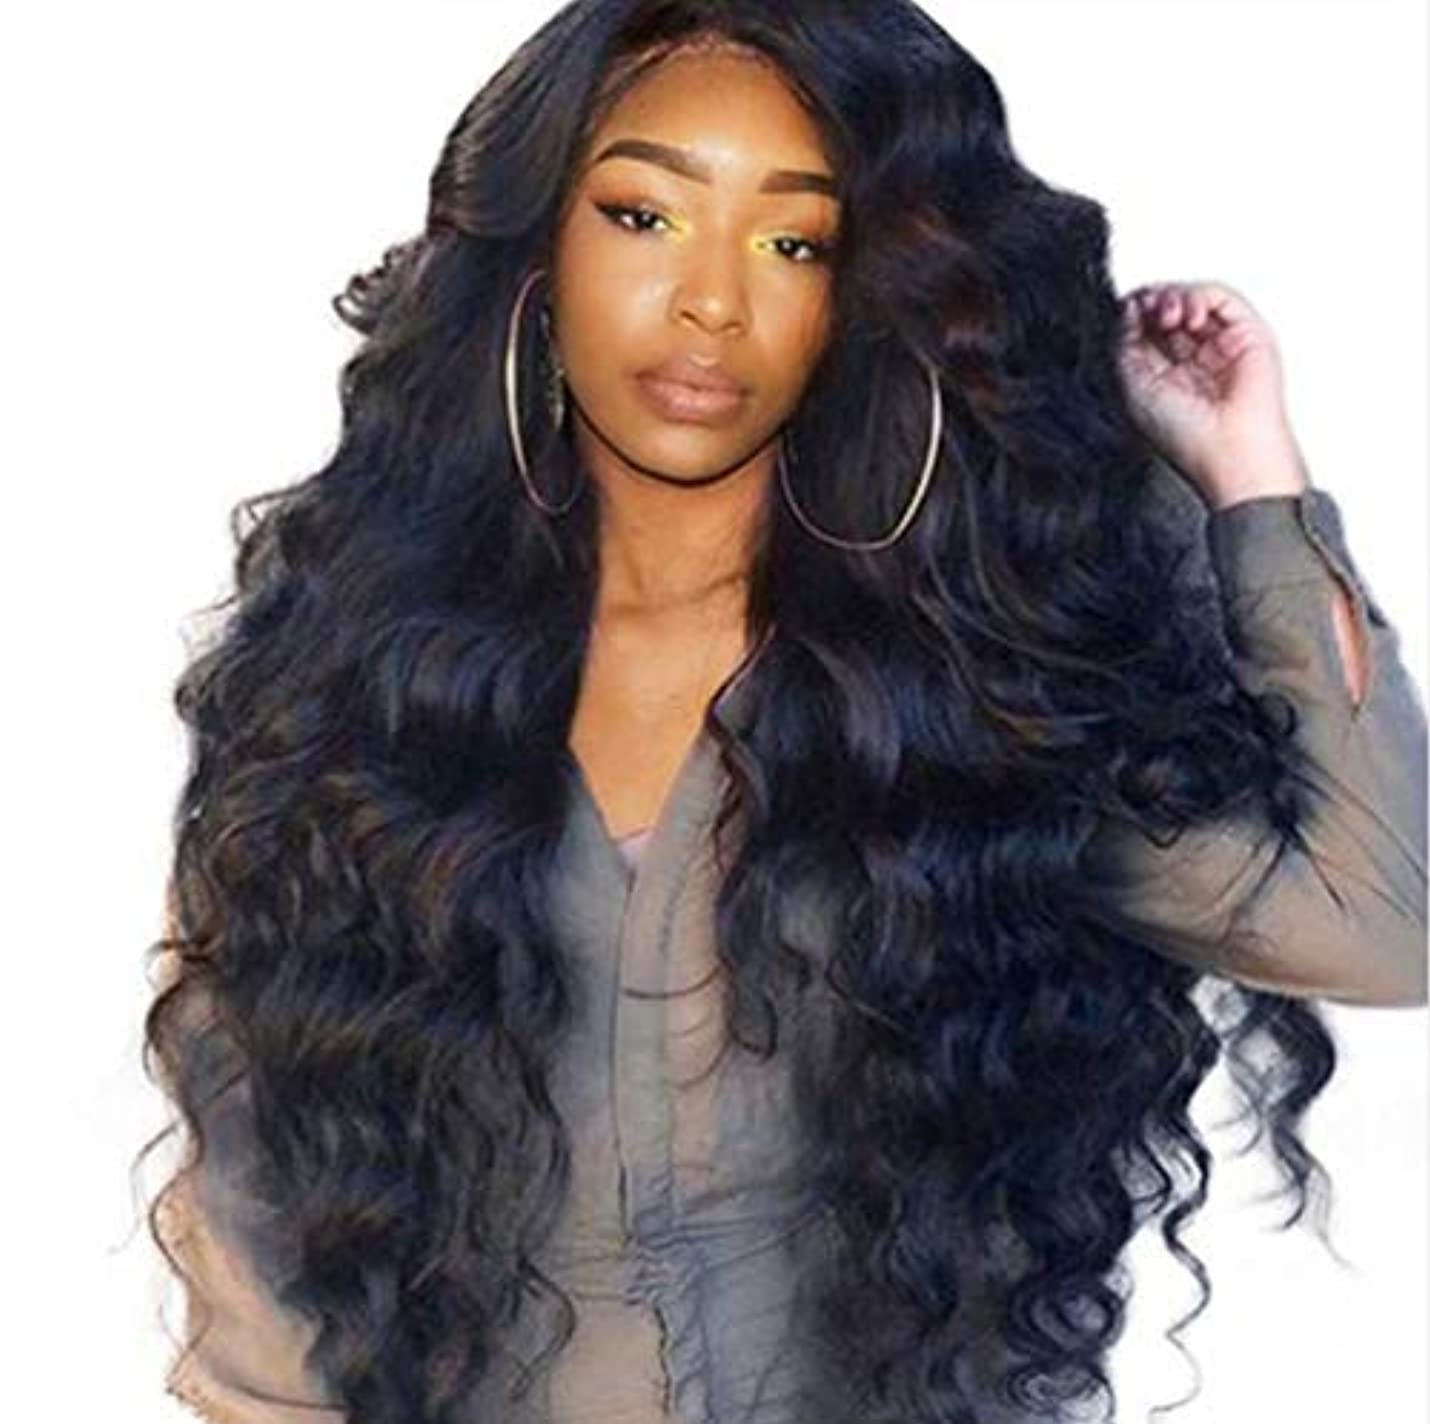 考慮消す範囲女性ブラジルレースフロントかつら人間の髪の毛赤ちゃん髪ブラジル実体波髪レースかつら150%密度